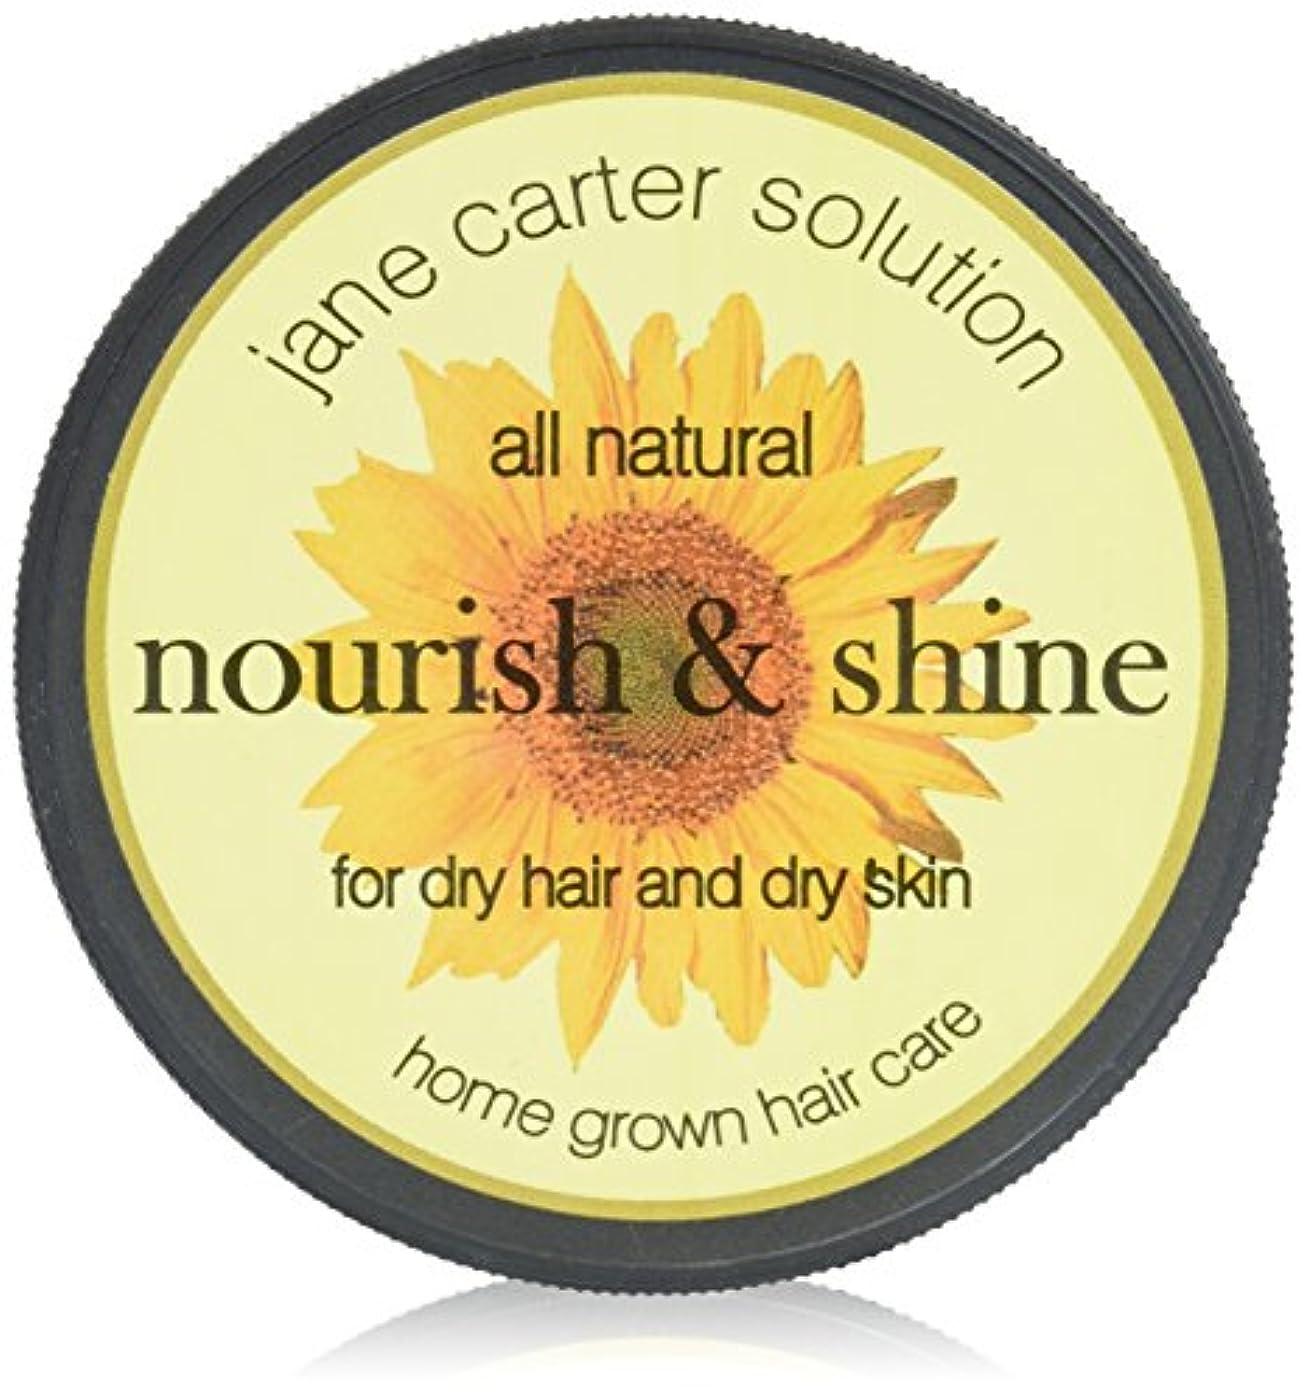 かわすペネロペ差別化するJane Carter Solution Nourish & Shine 120 ml (並行輸入品)